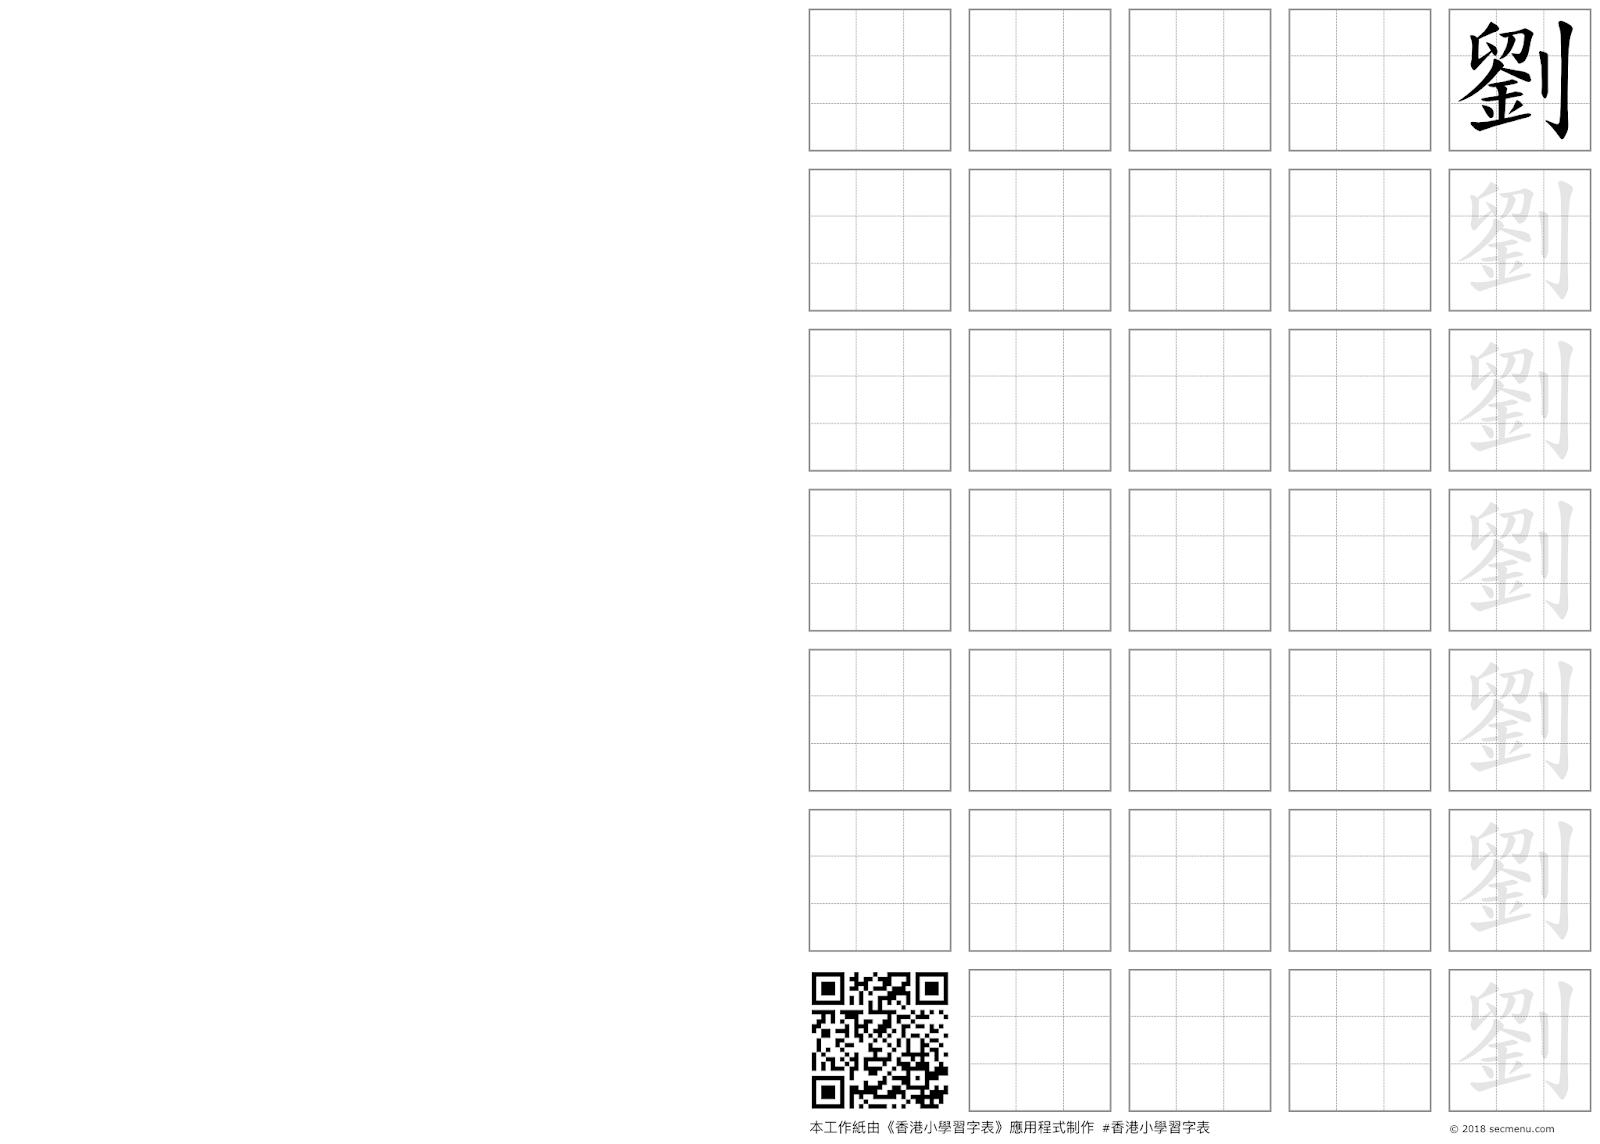 | 幼兒學習 | ufixx 中文寫字學習套裝教具分享 (附中文學習網資源分享)